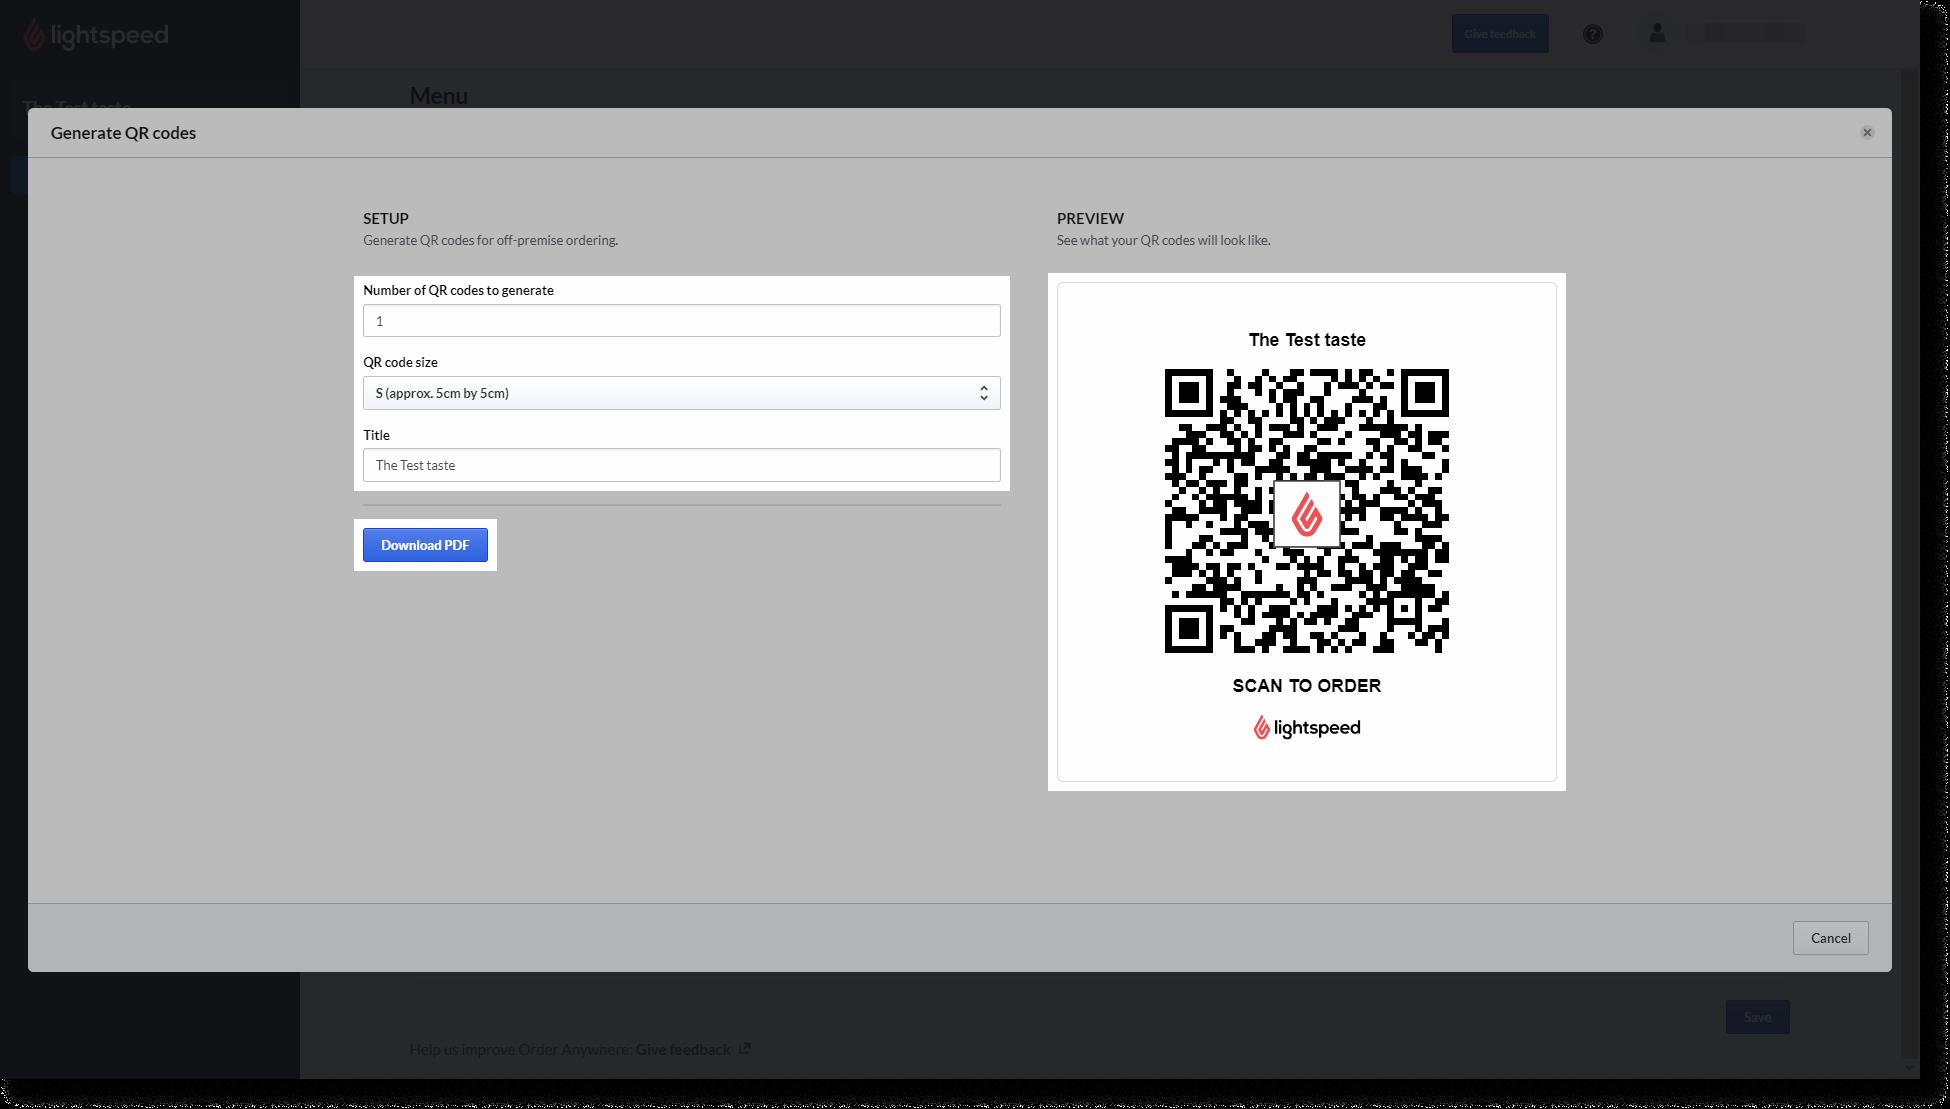 lsk-en-con2-landing-my_profile_form-offp-qr_codes-create-e-ds.png